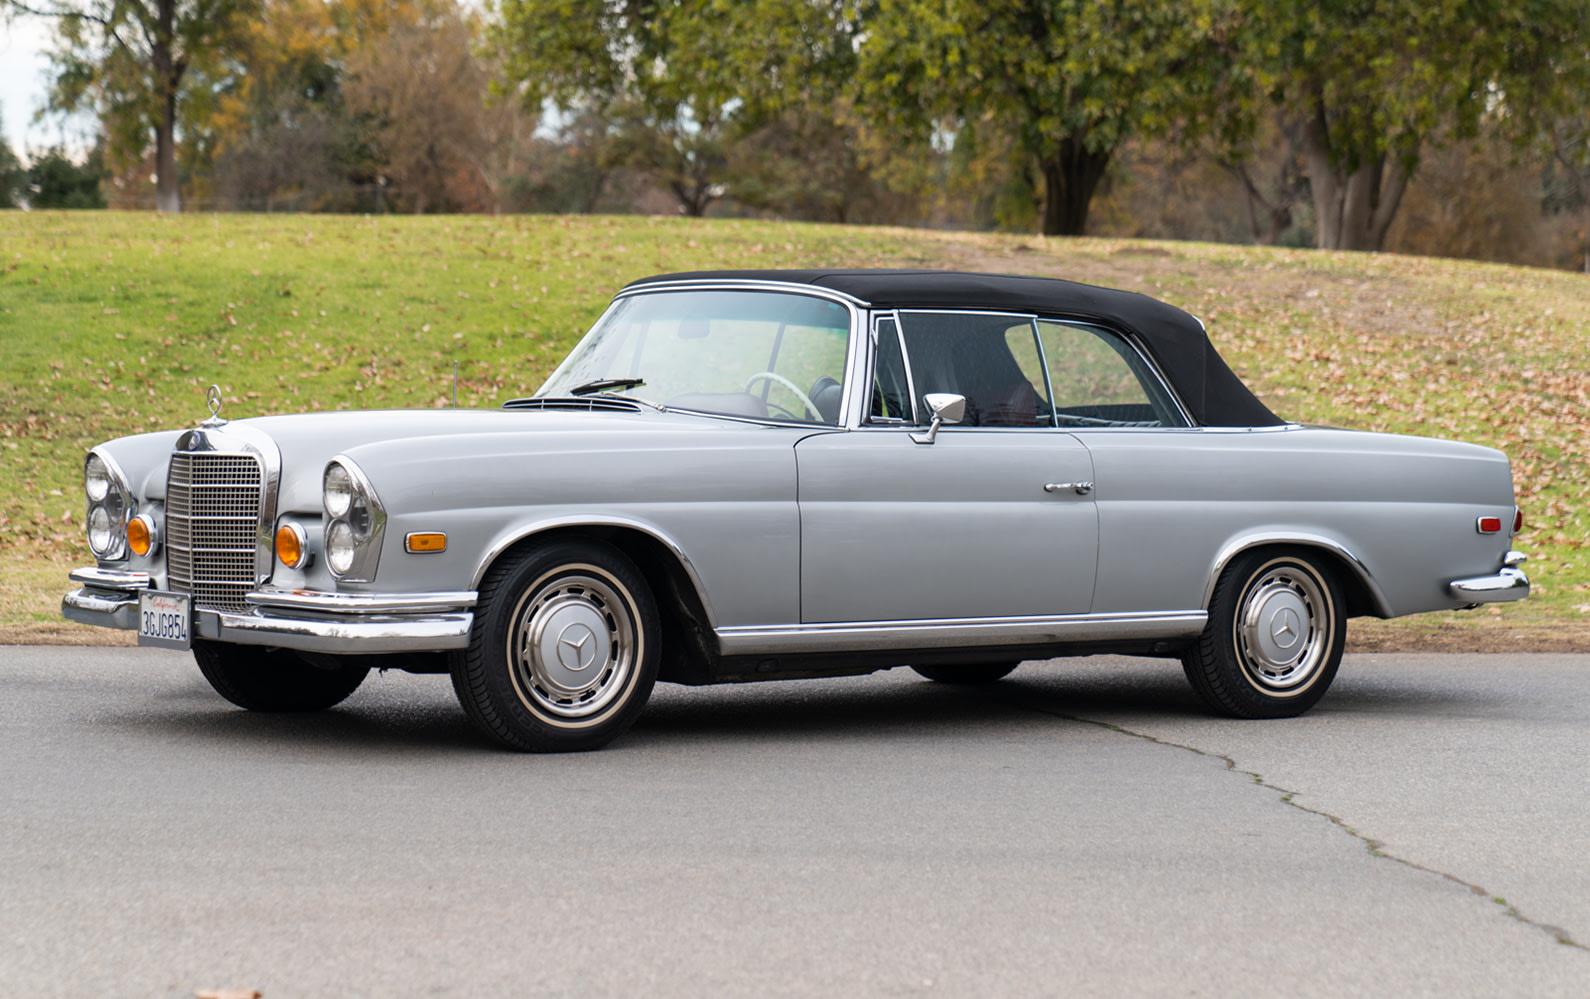 Prod/O21A - Scottsdale 2021/1426 - 1969 Mercedes-Benz 280 SE Cabriolet/1969_Mercedes_Benz_280_SE_Cabriolet_1_pdyuvz